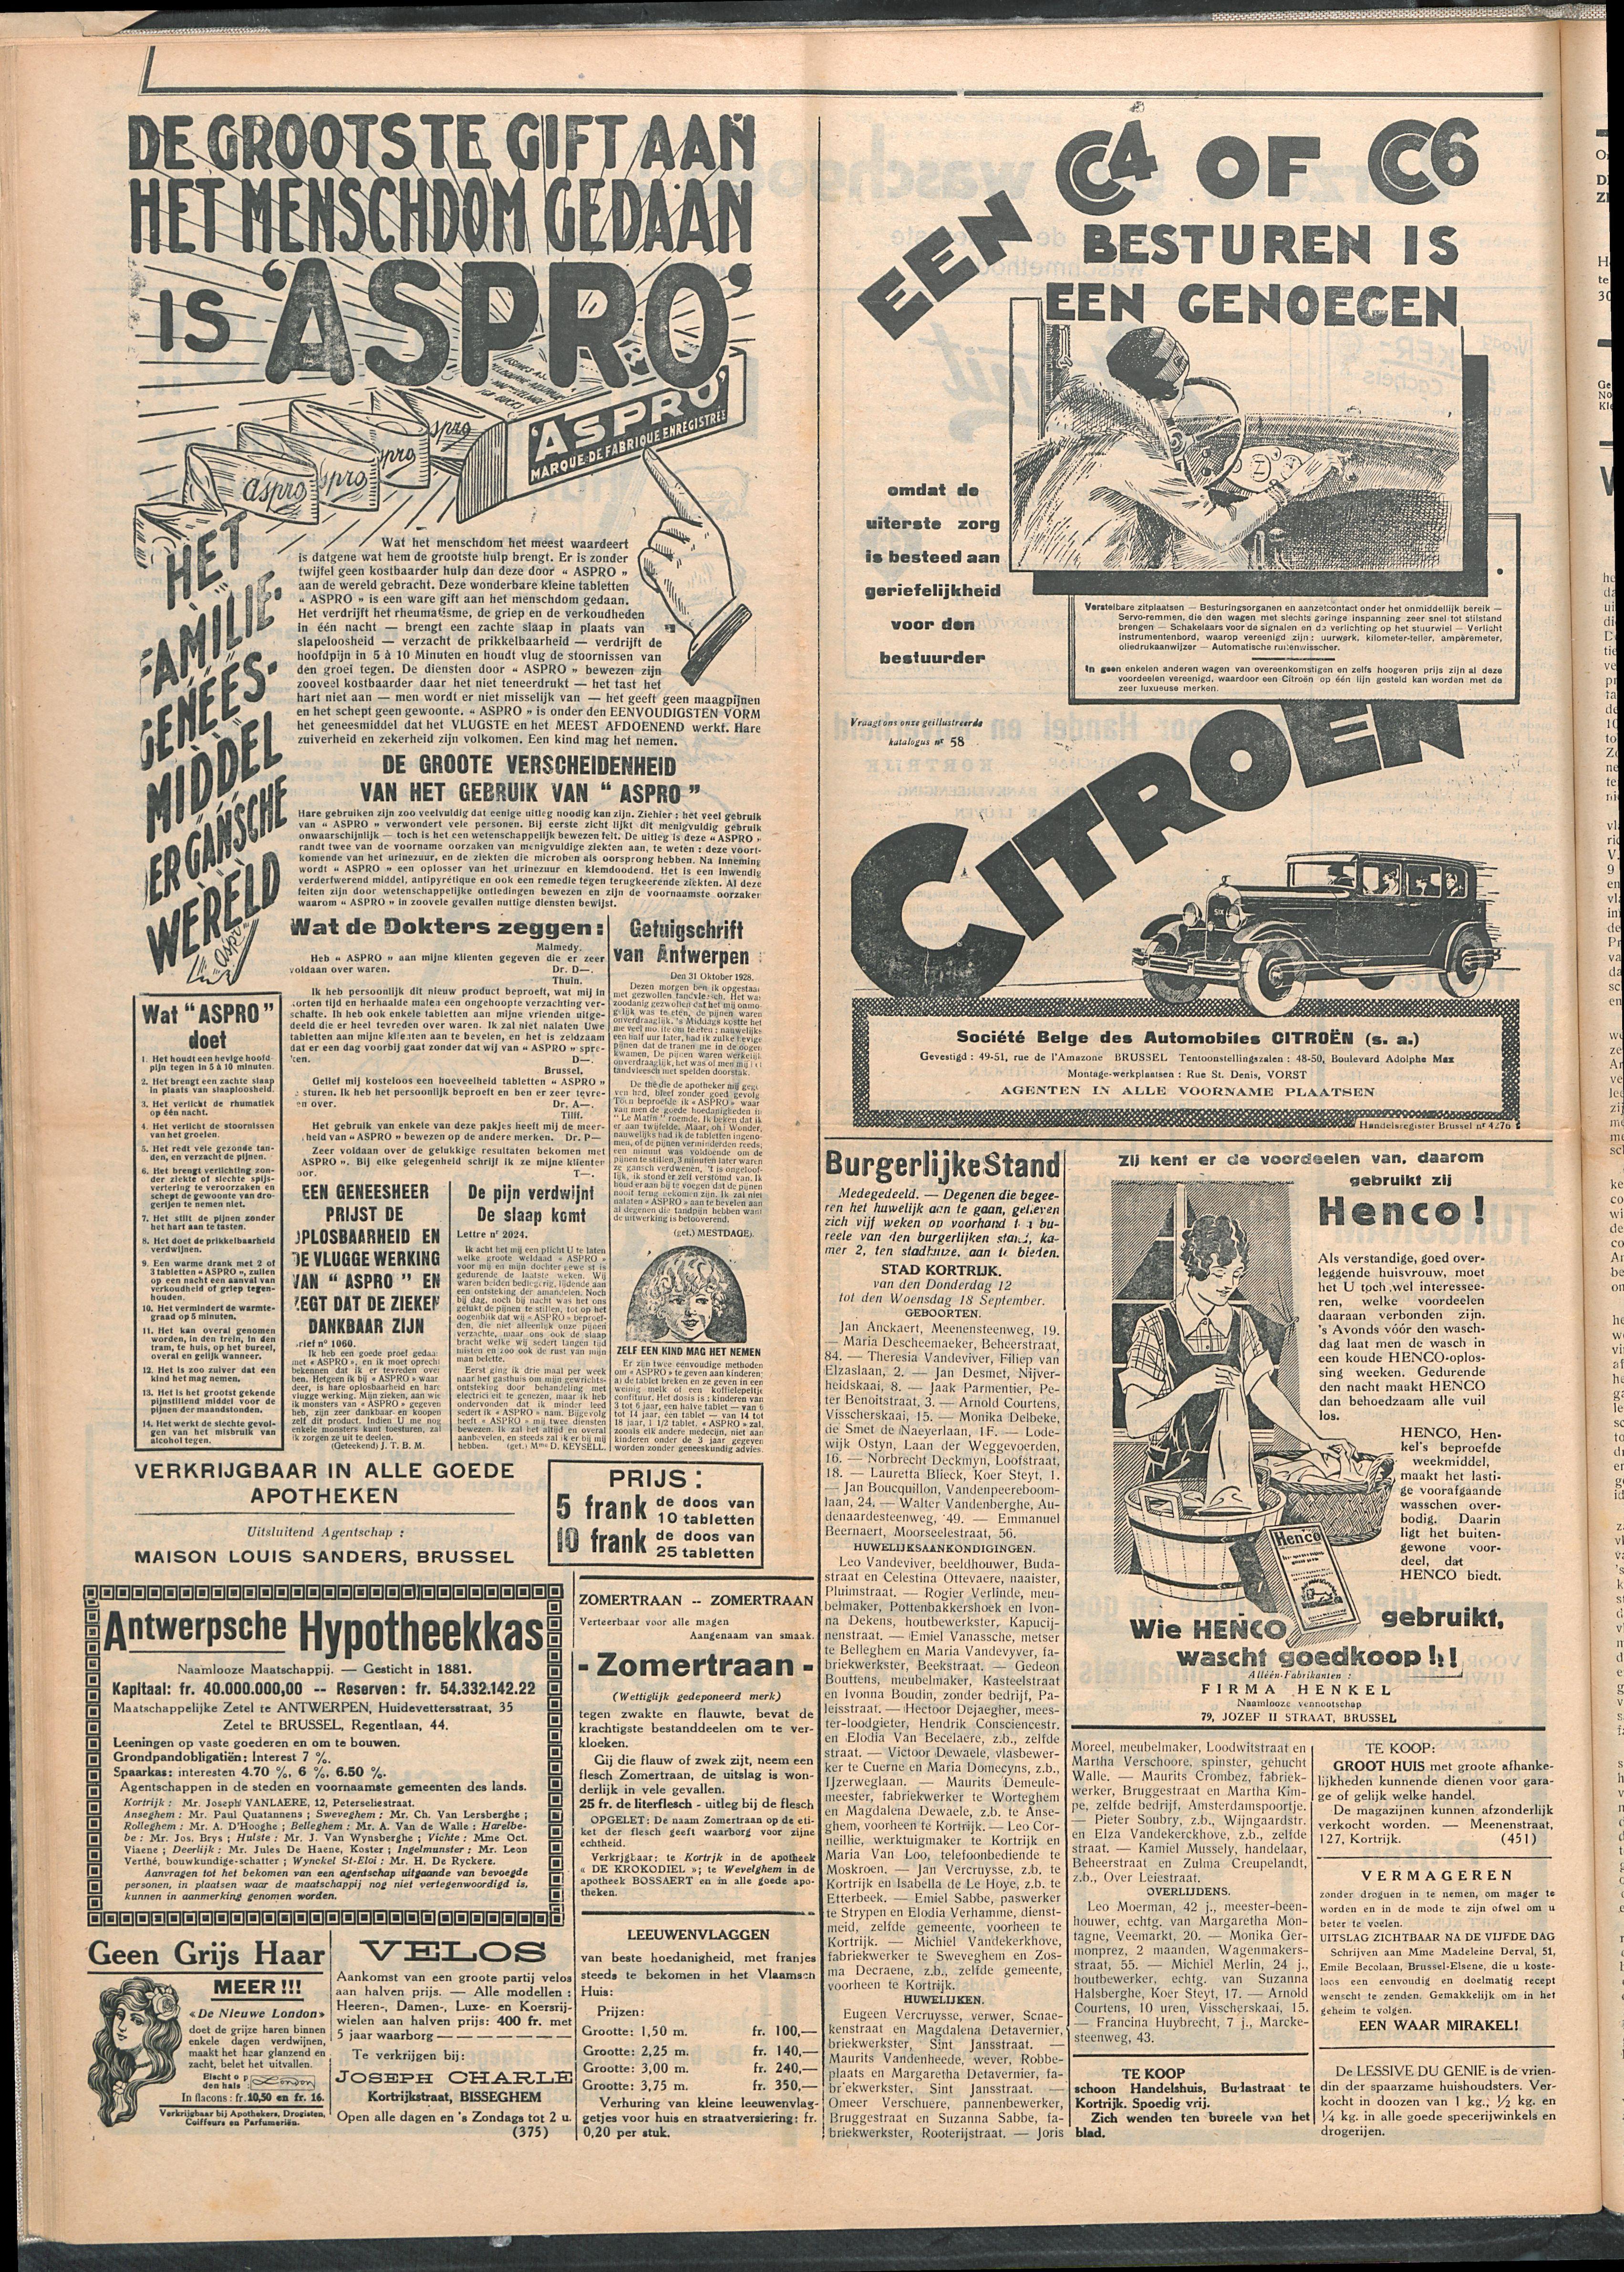 Het Kortrijksche Volk 1929-09-22 p4